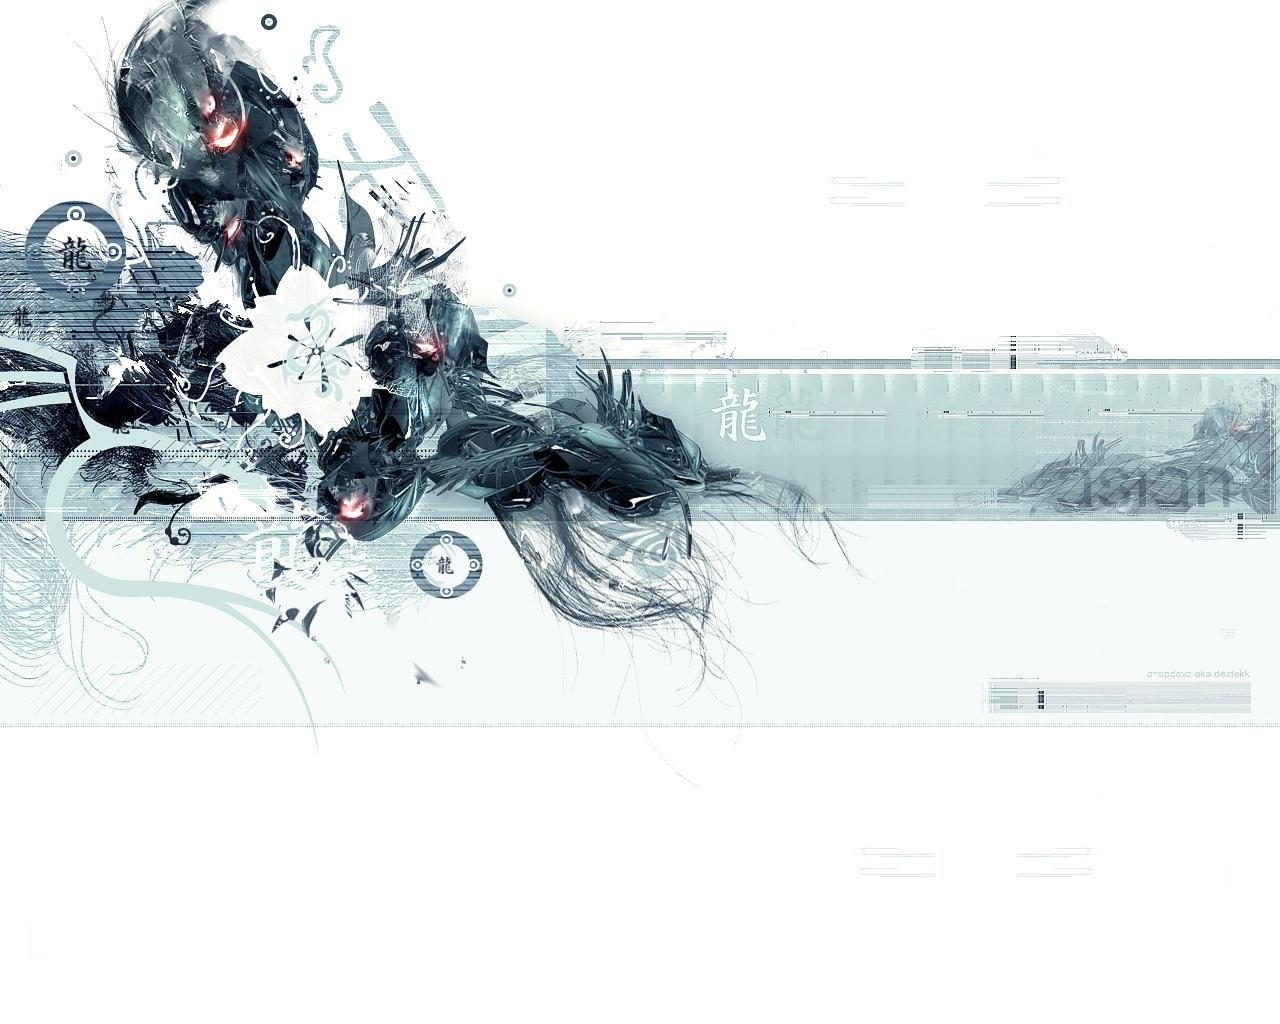 High Resolution Wallpaper   Deep Ambition 1280x1024 px